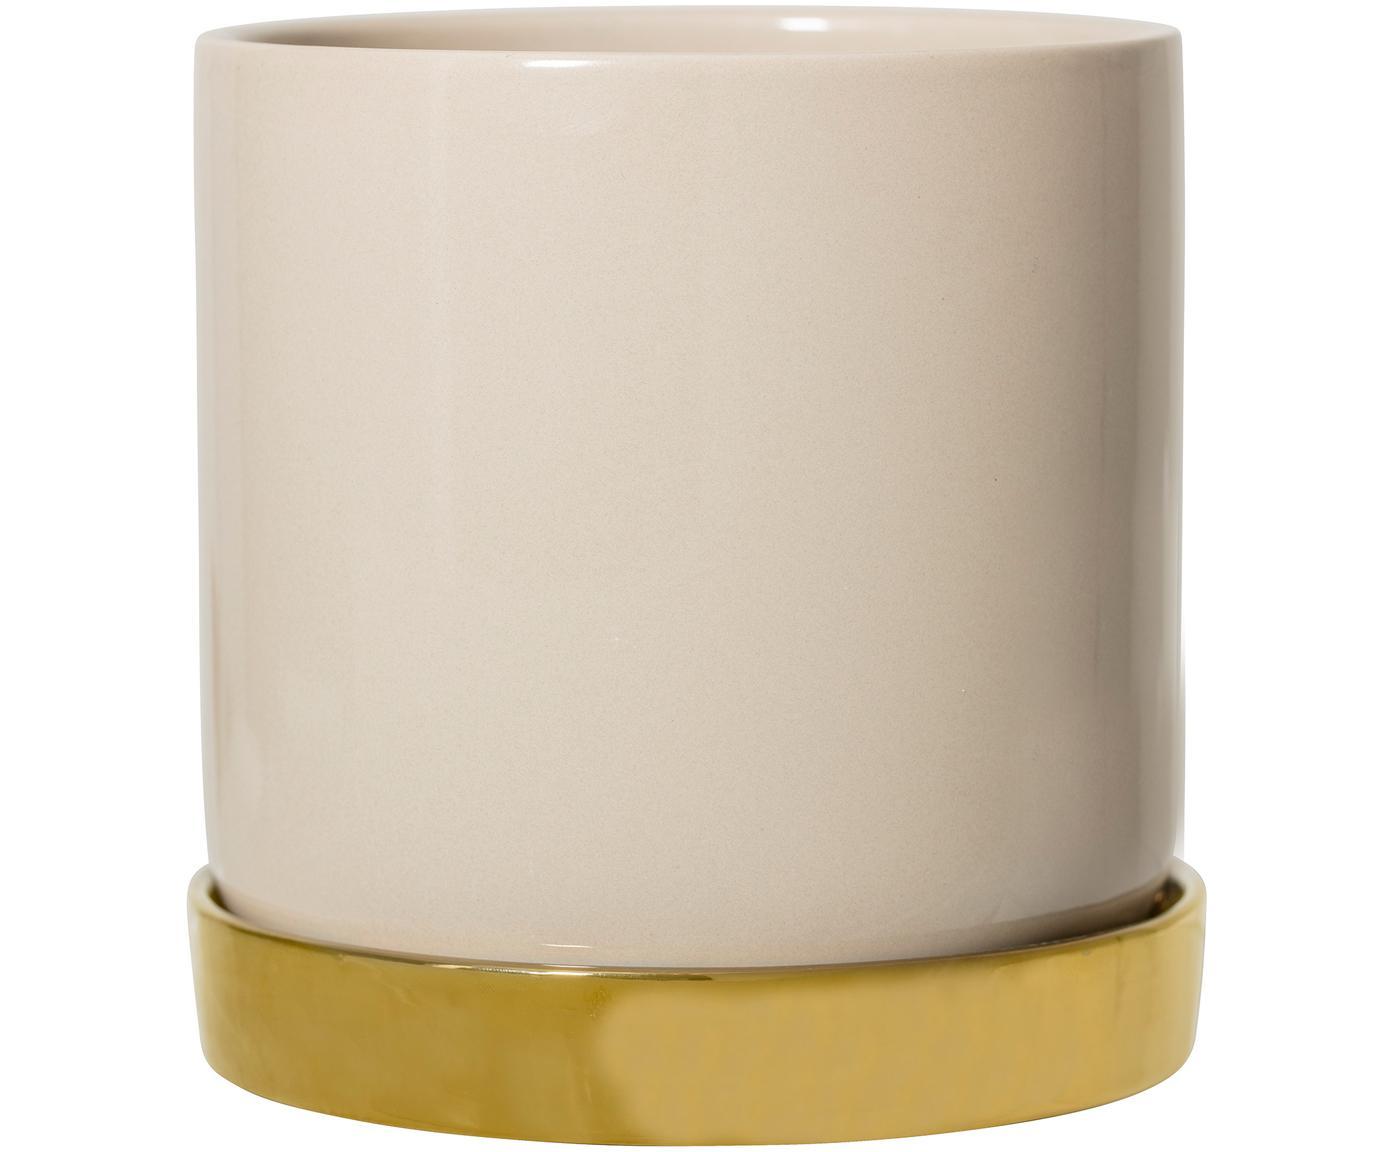 Maceta Elin, Gres, Maceta: beige Base: dorado, Ø 14 x Al 14 cm